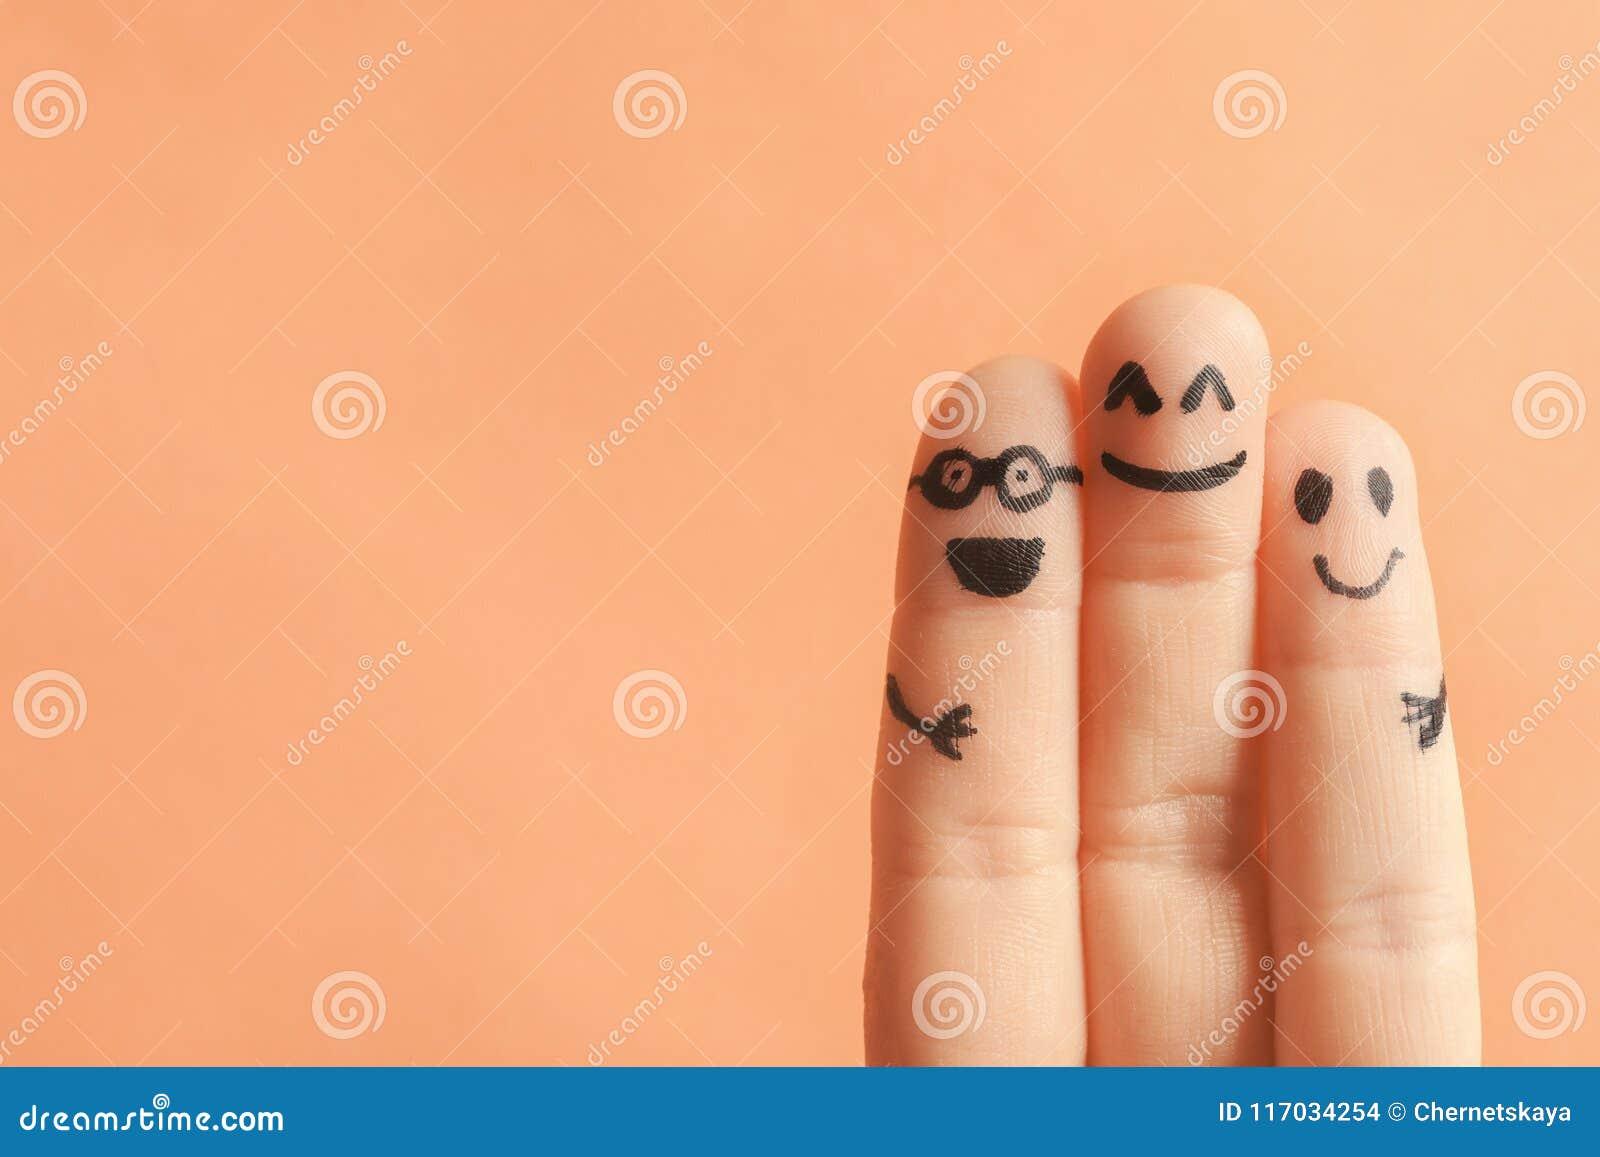 Palce z rysunkami szczęśliwe twarze